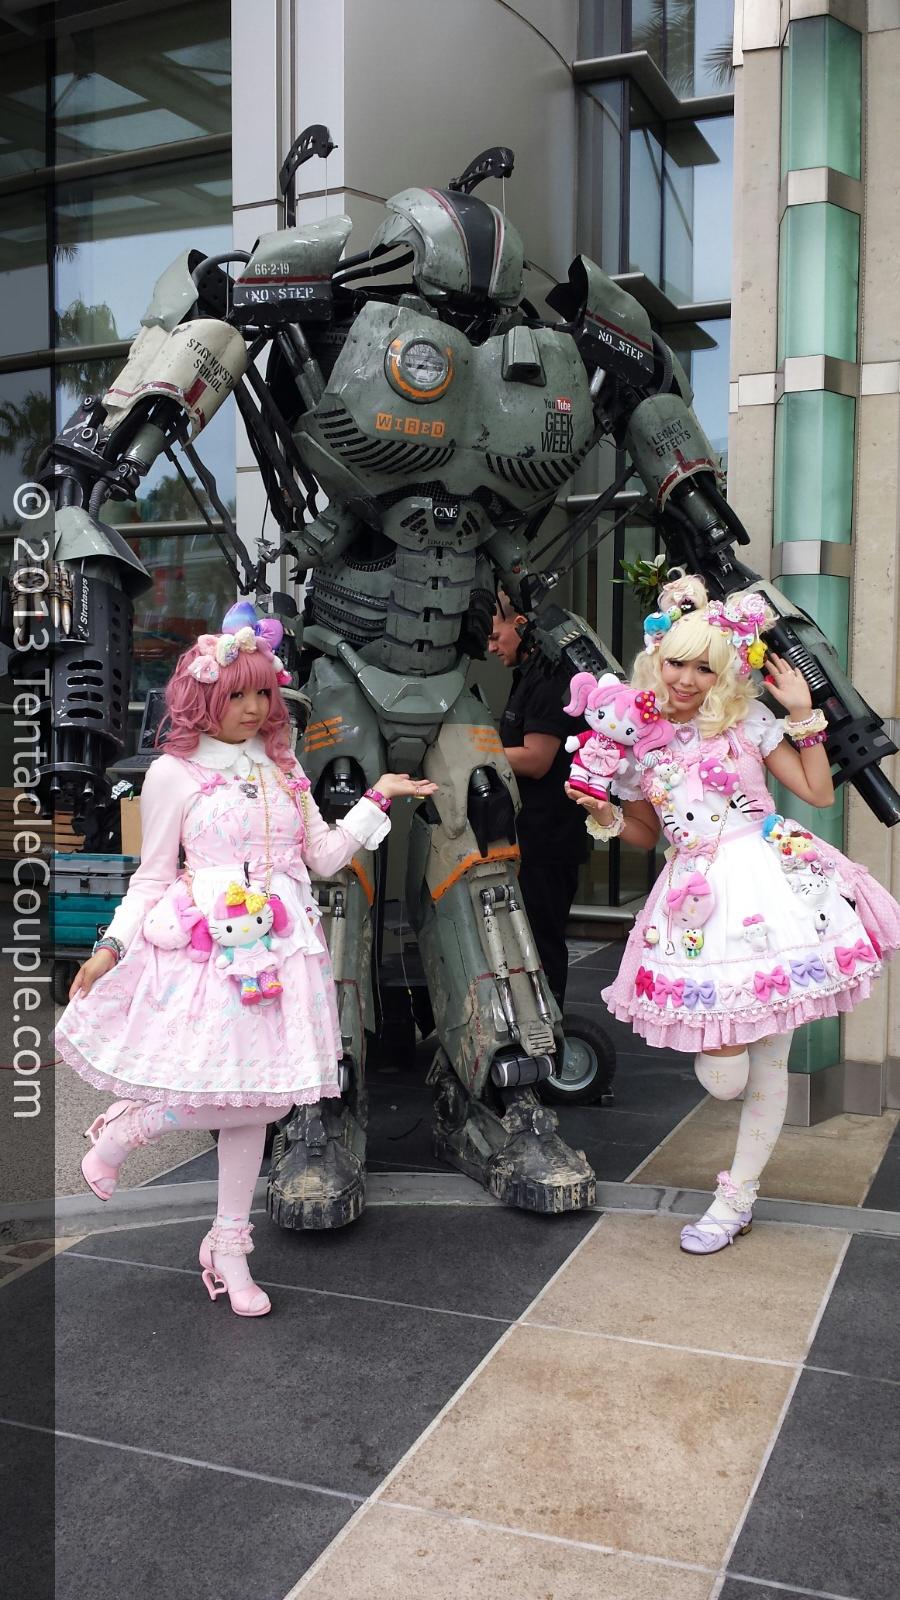 San Diego Comic-Con 2013 - Hello Robot